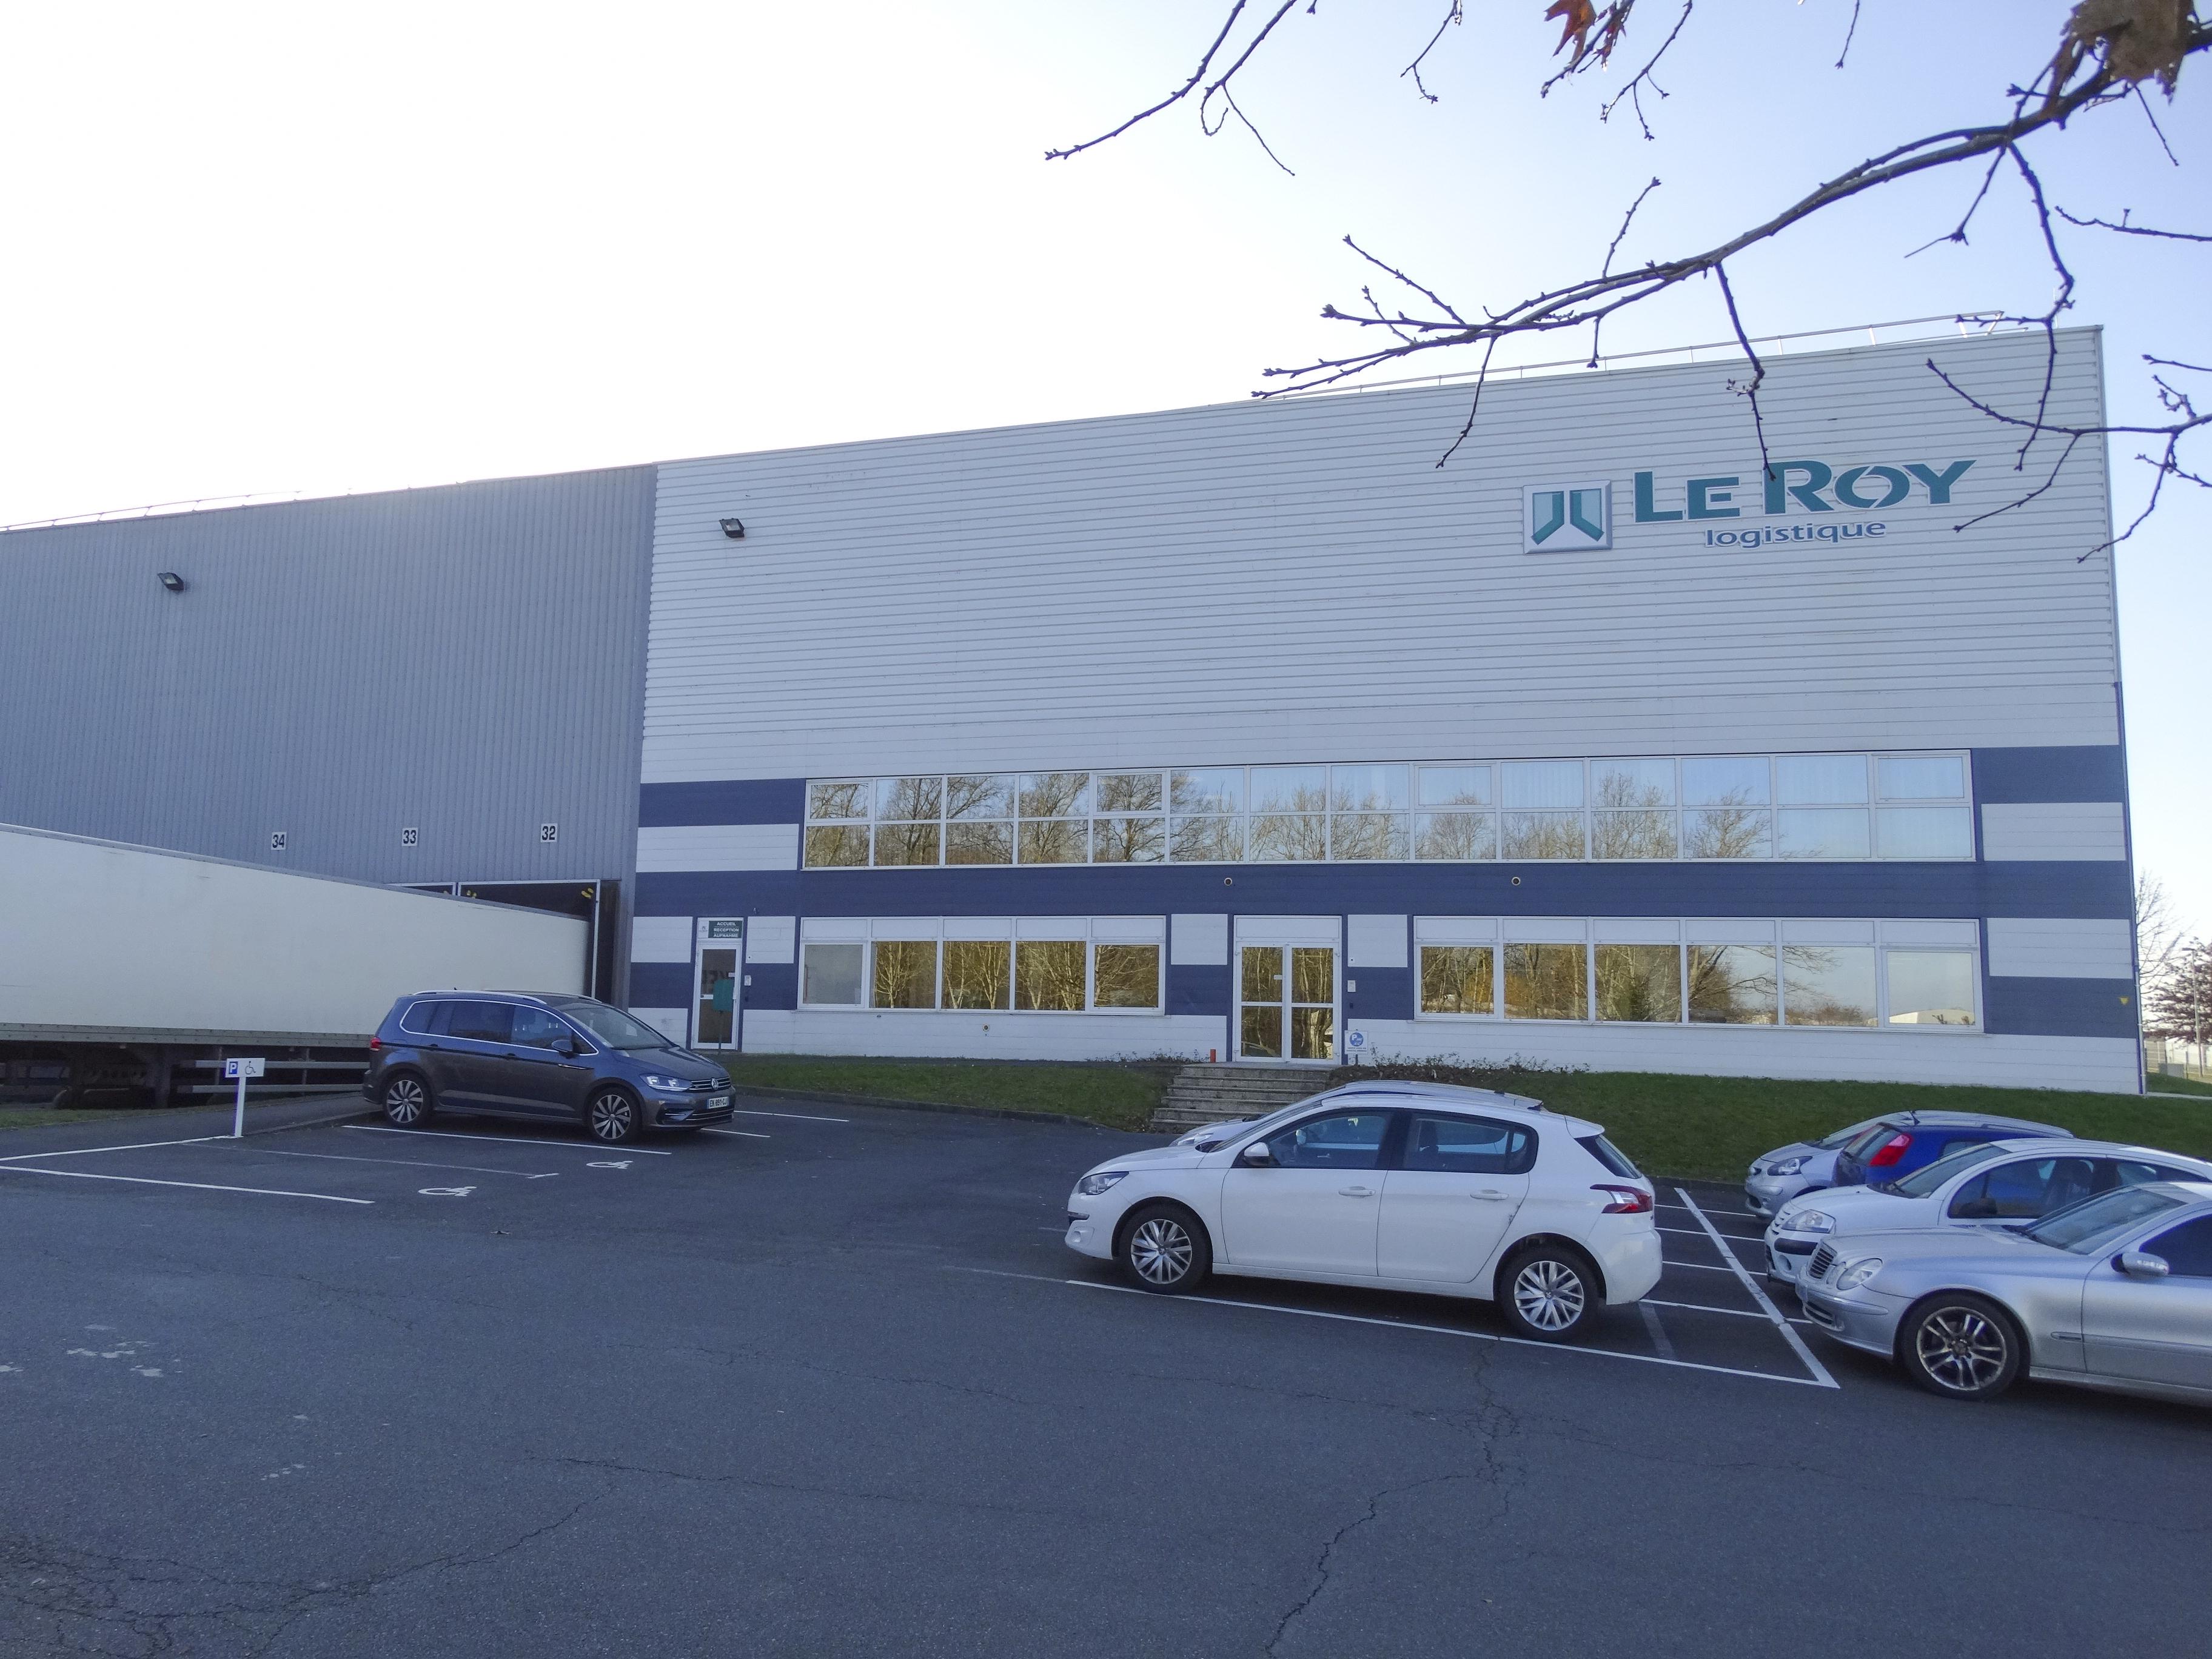 Le roy logistique orl ans ormes 45140 rue pass e - Le roy logistique ...